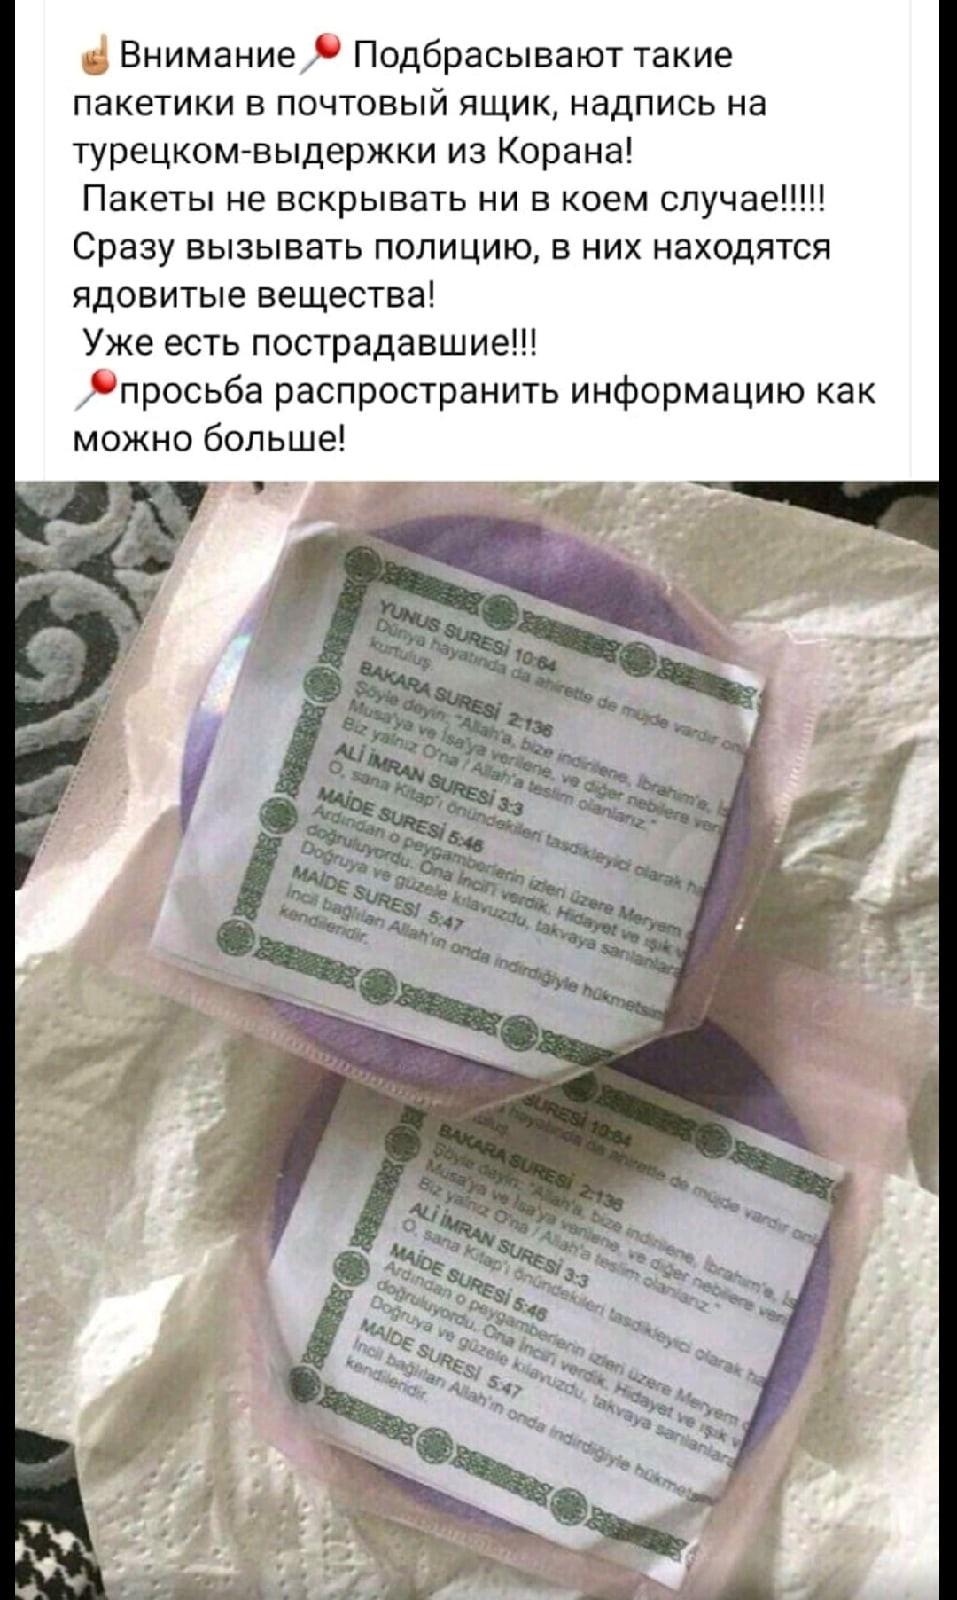 В ГУ МВД России по Самарской области назвали фейком сообщения о пакетиках с ядом из Турции